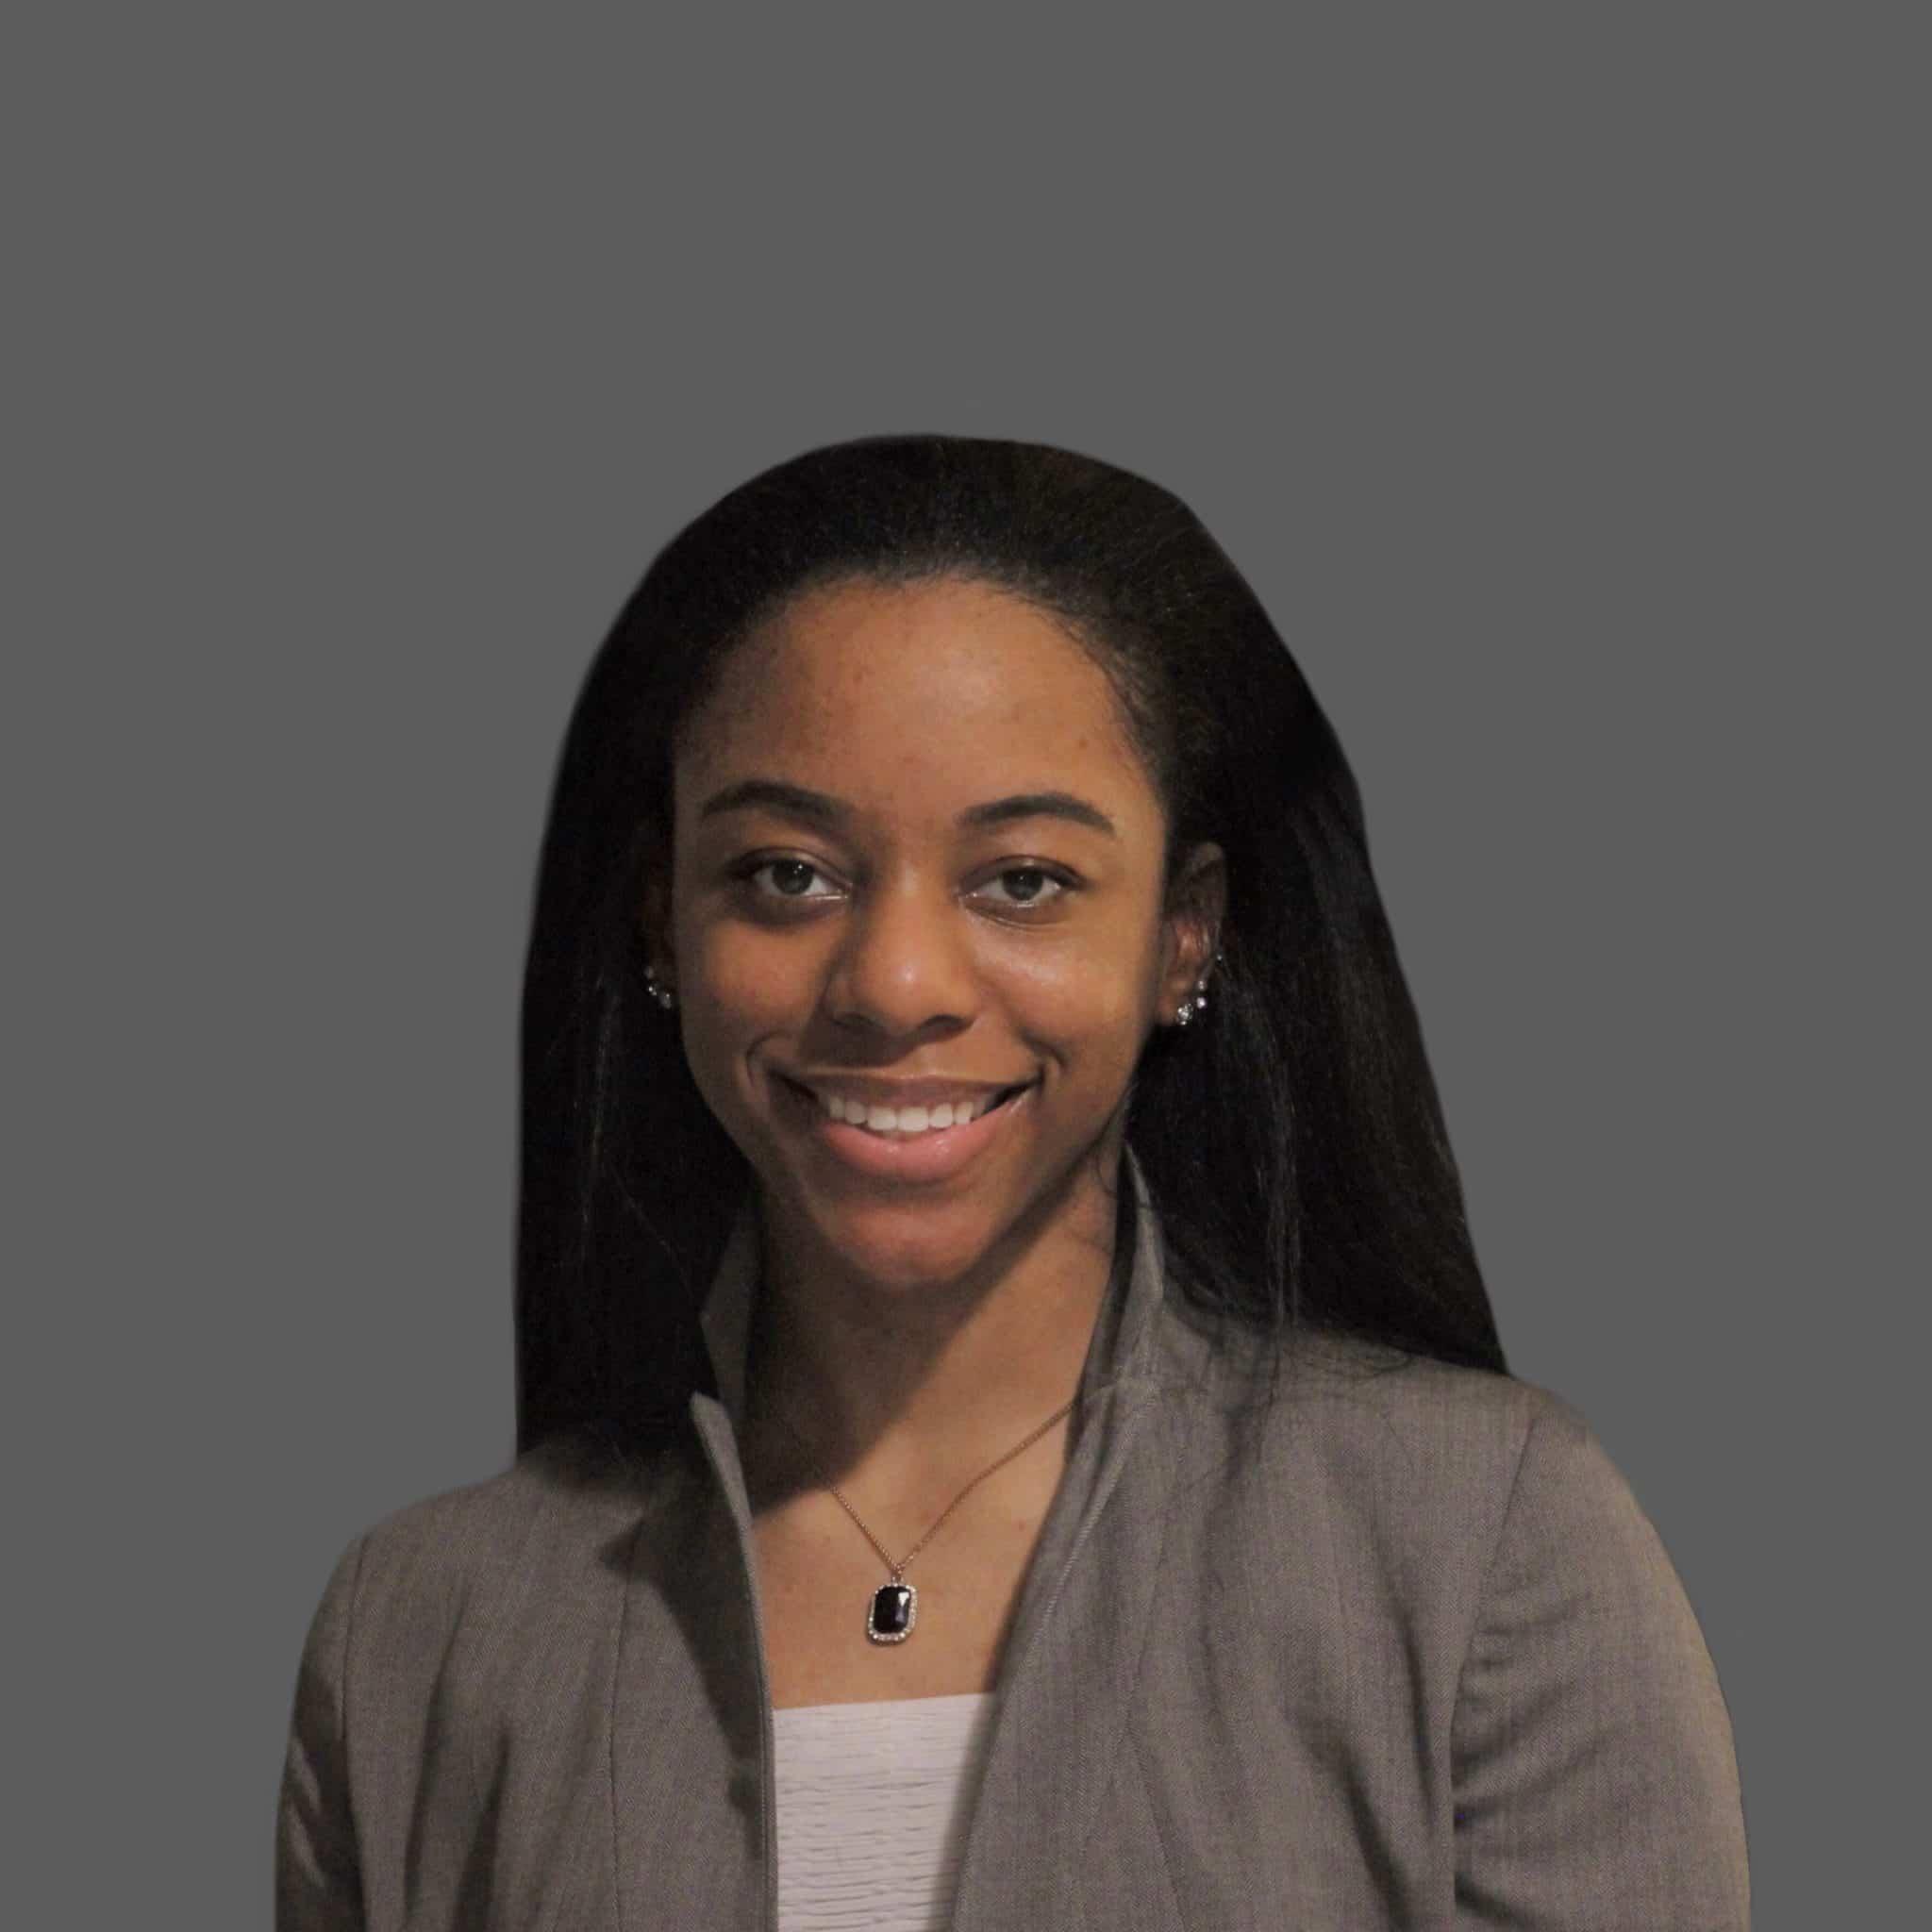 Headshot of Ashanti Greene